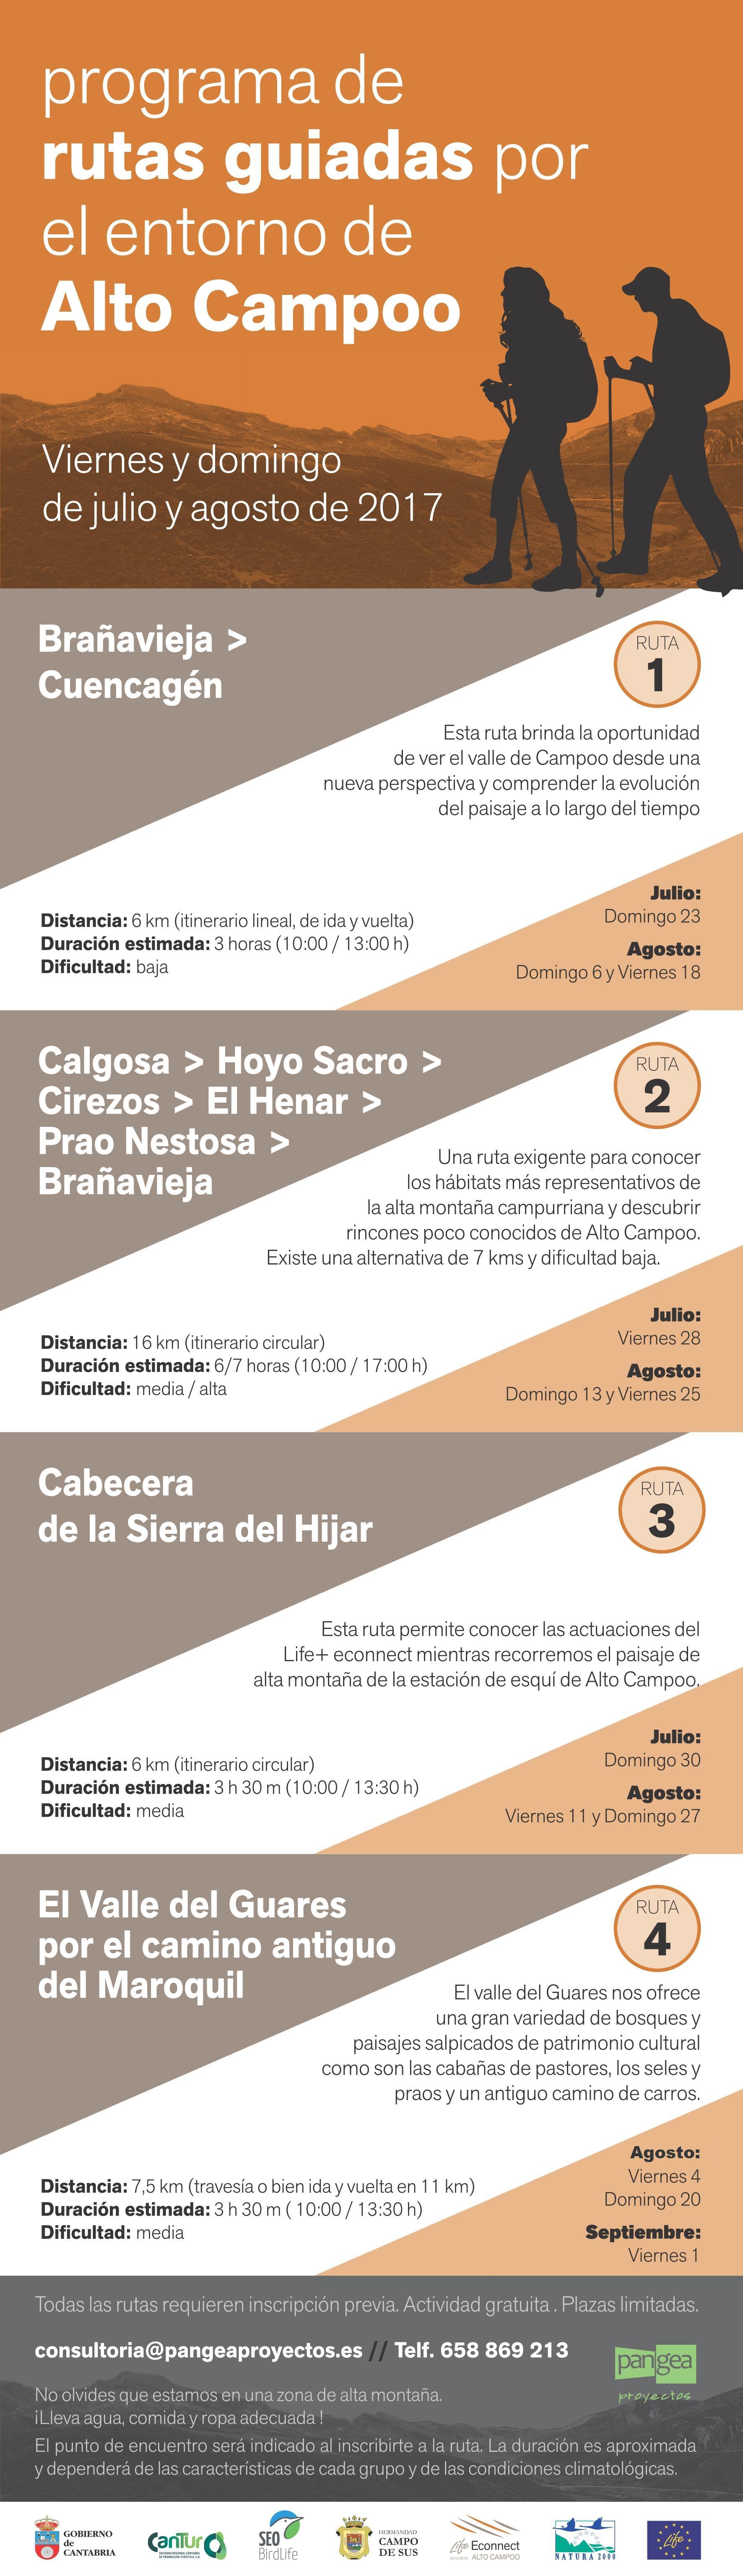 programa rutas guiadas gratuitas por Alto Campoo 2017